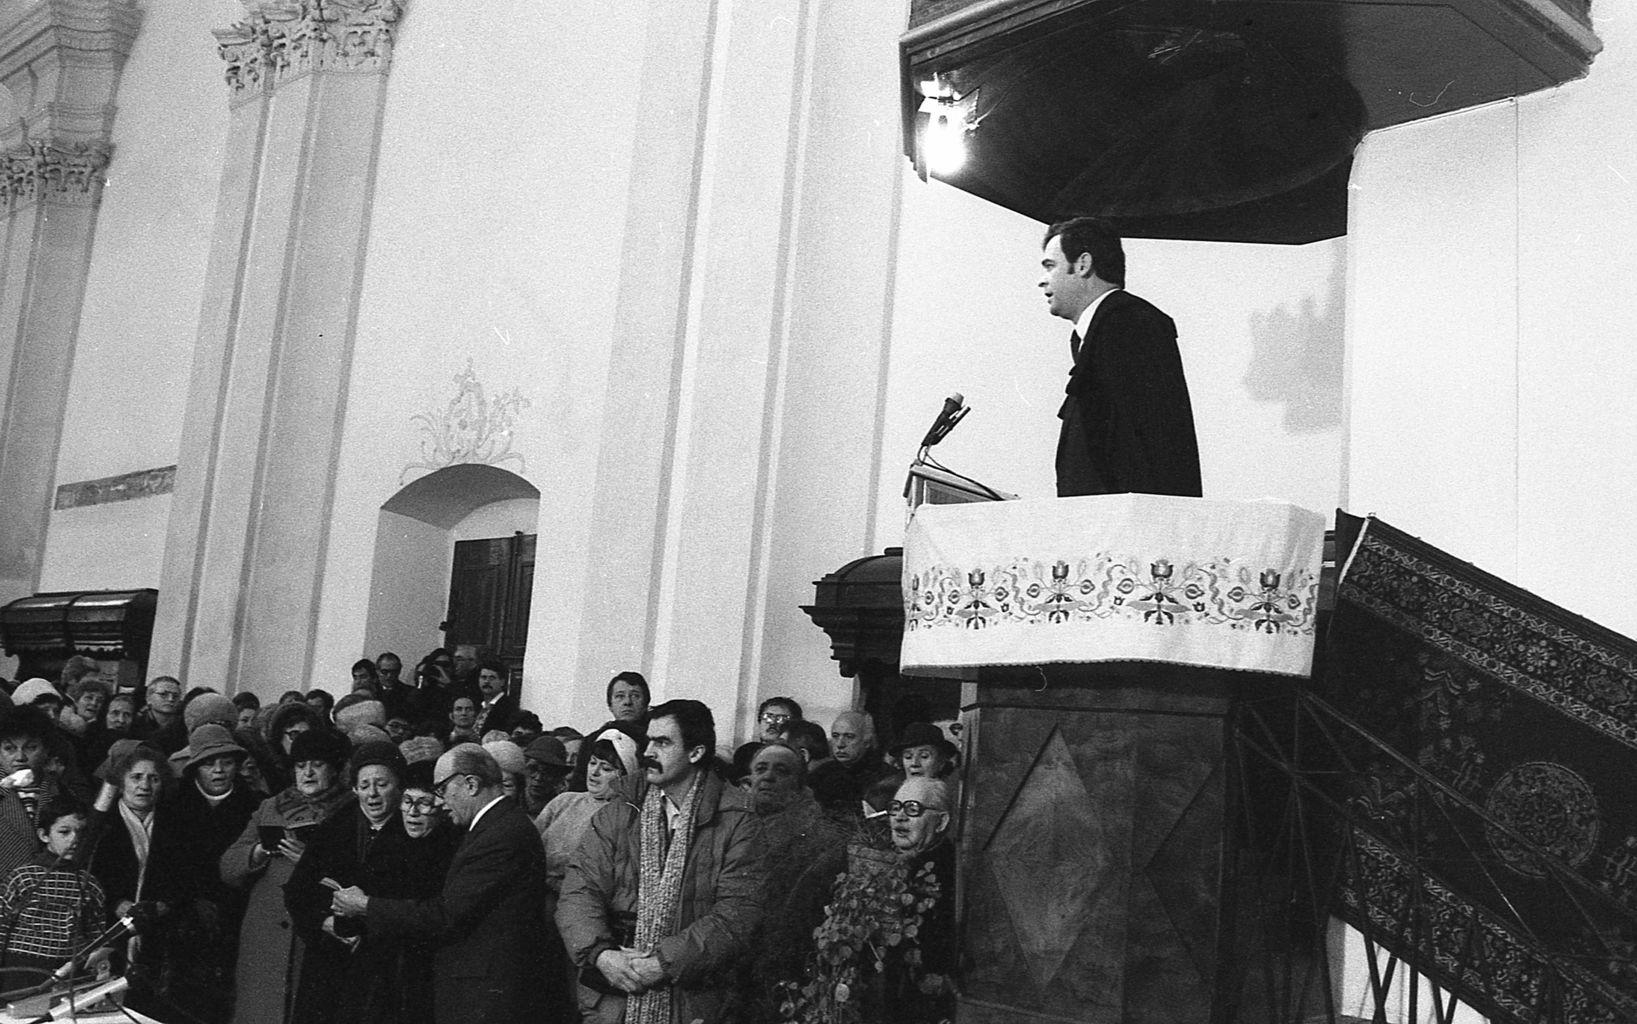 Tőkés László református lelkész igehirdetése 1990-ben Marosvásárhelyen #moszkvater